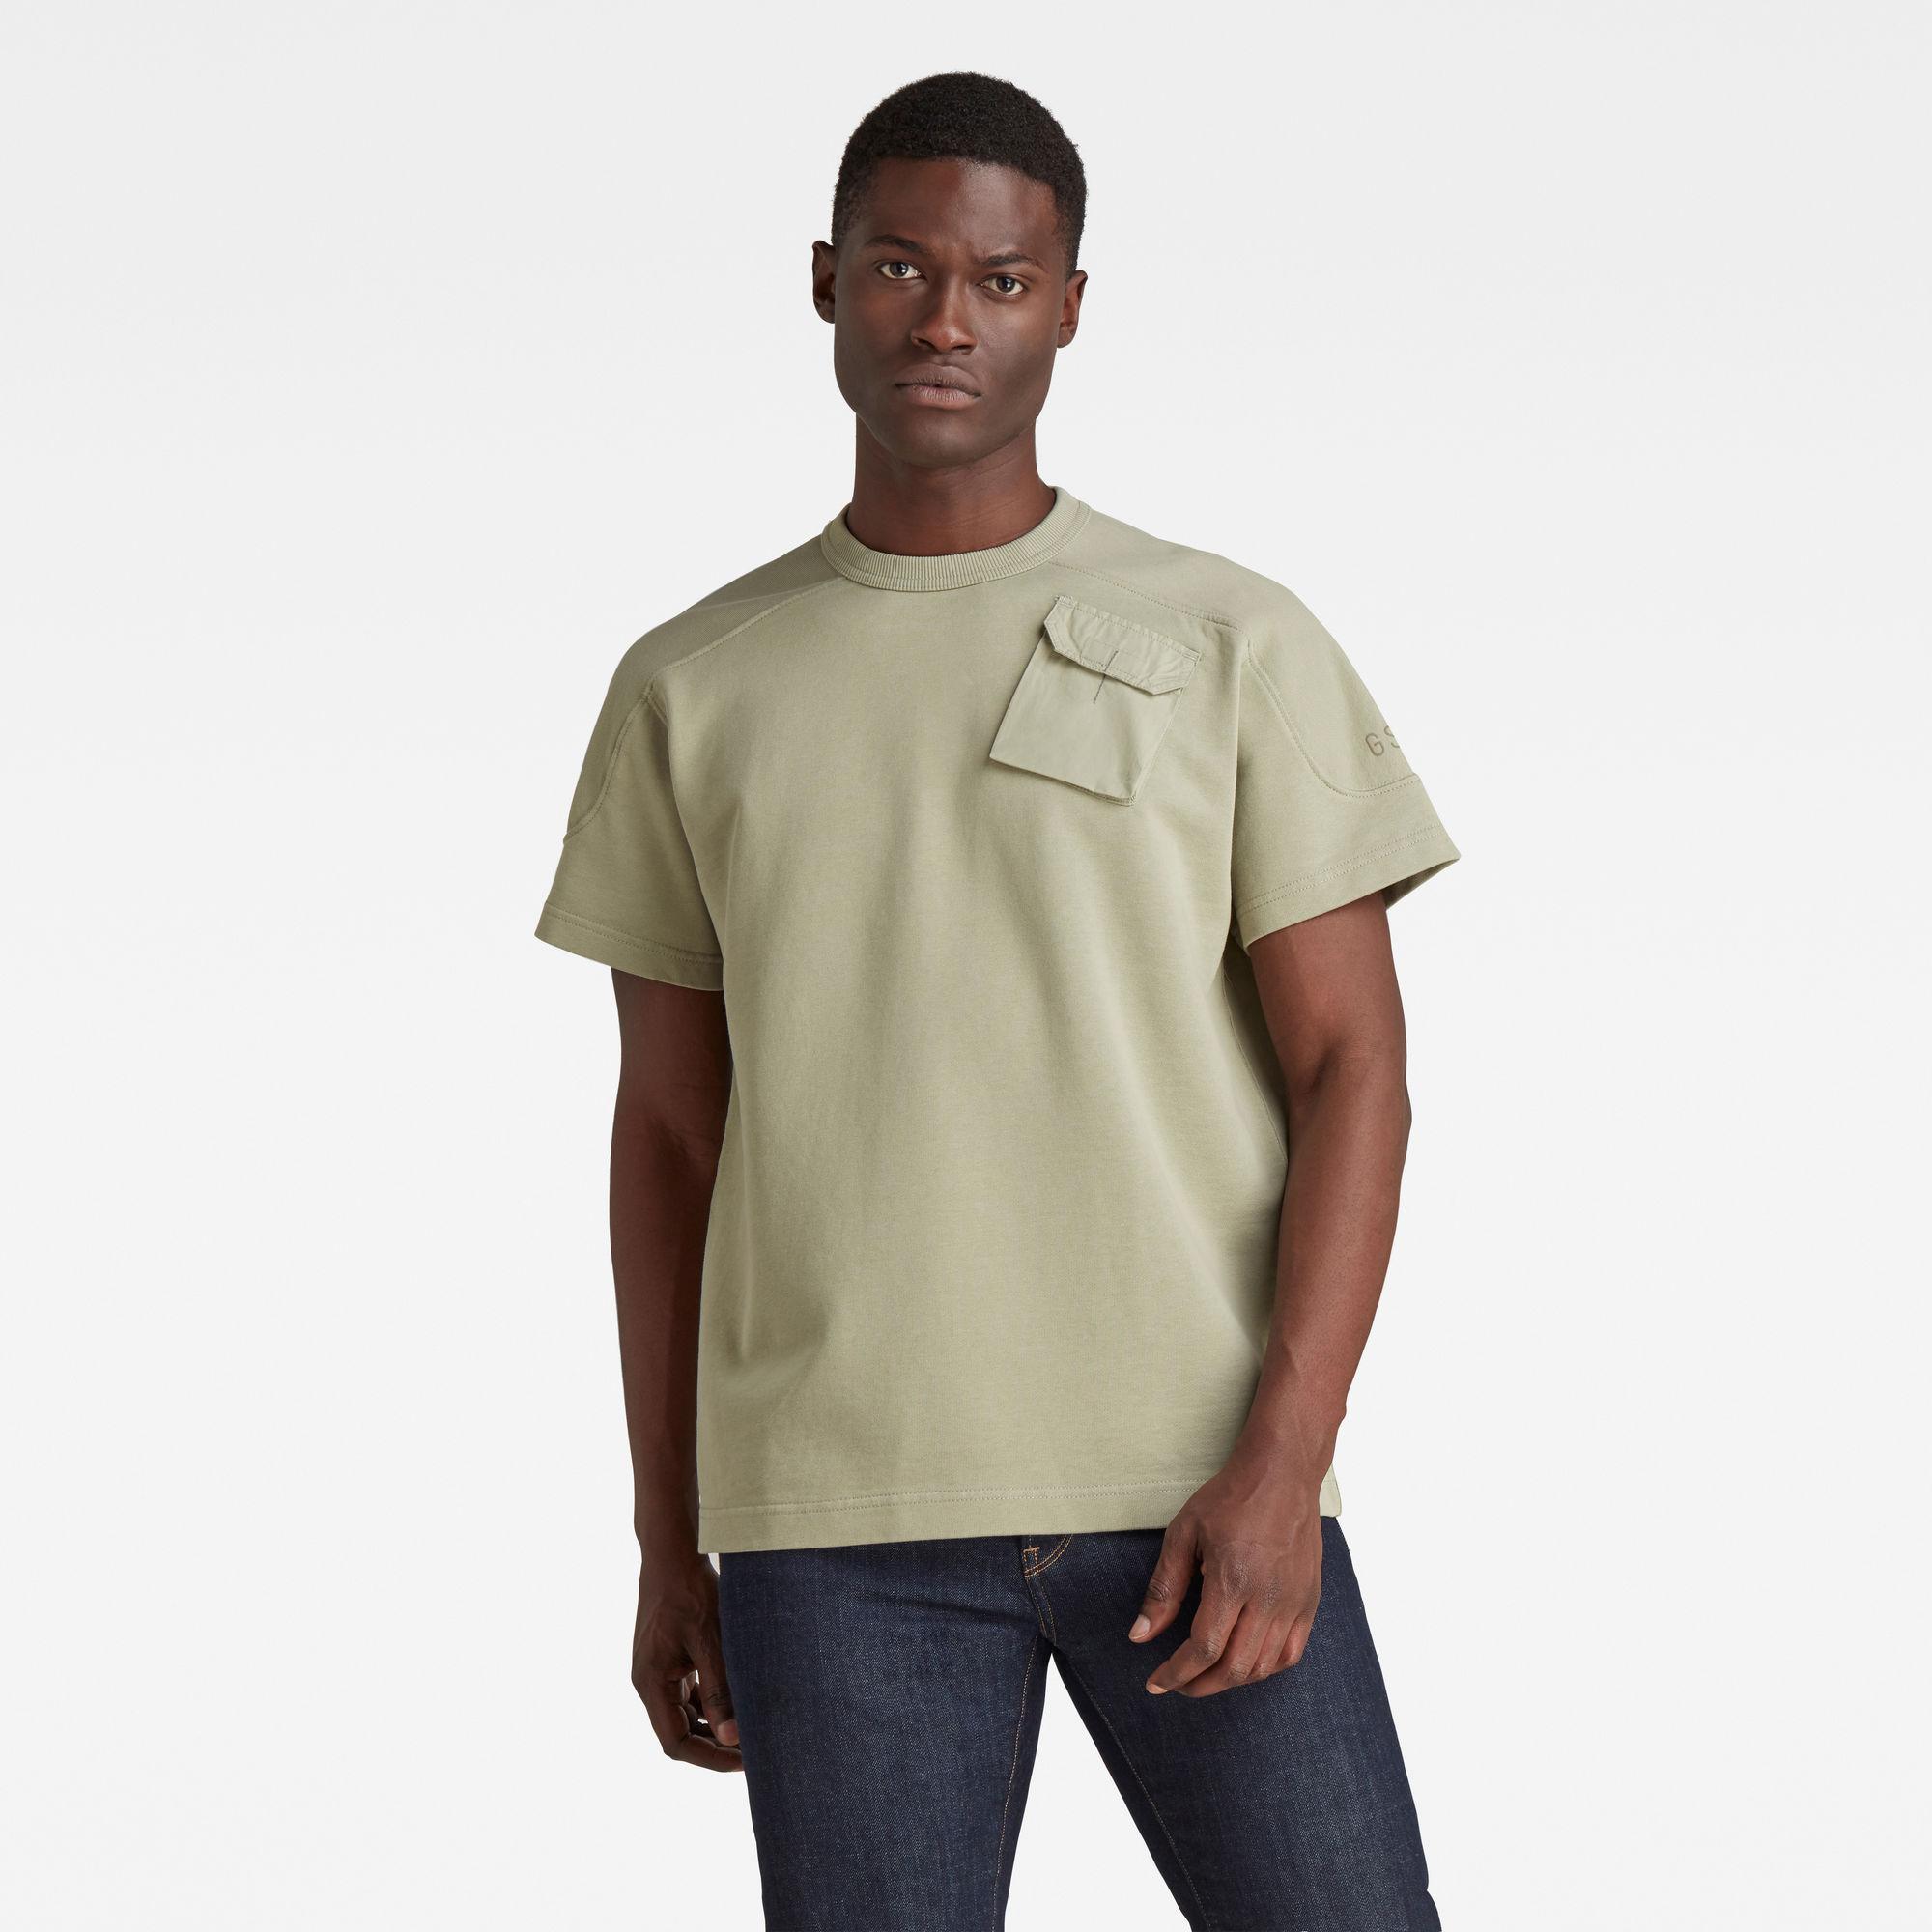 G-Star RAW Heren Summer Army Sweater Groen